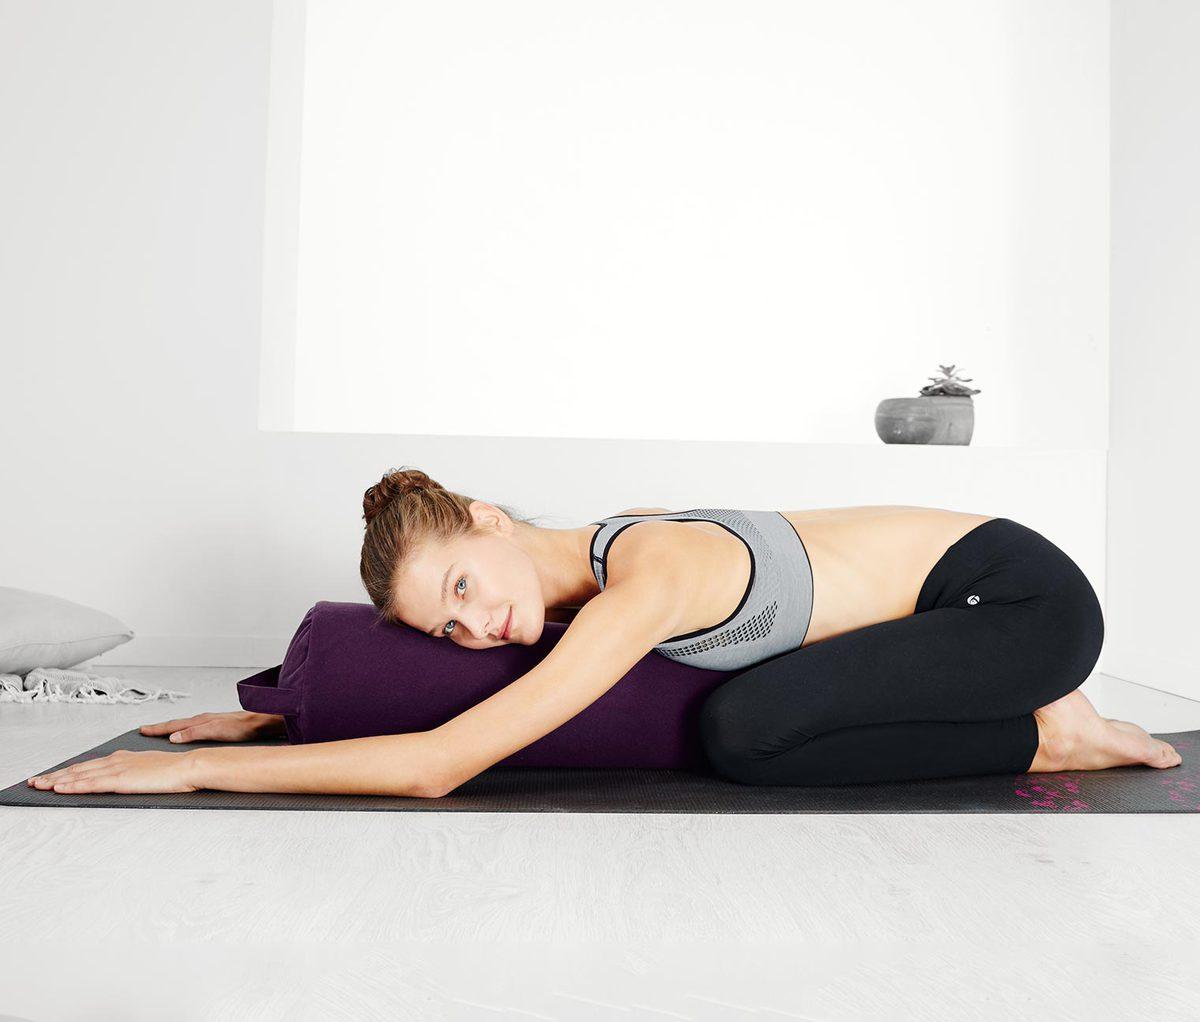 aufblasbares yoga und pilates bolster von tchibo ansehen. Black Bedroom Furniture Sets. Home Design Ideas